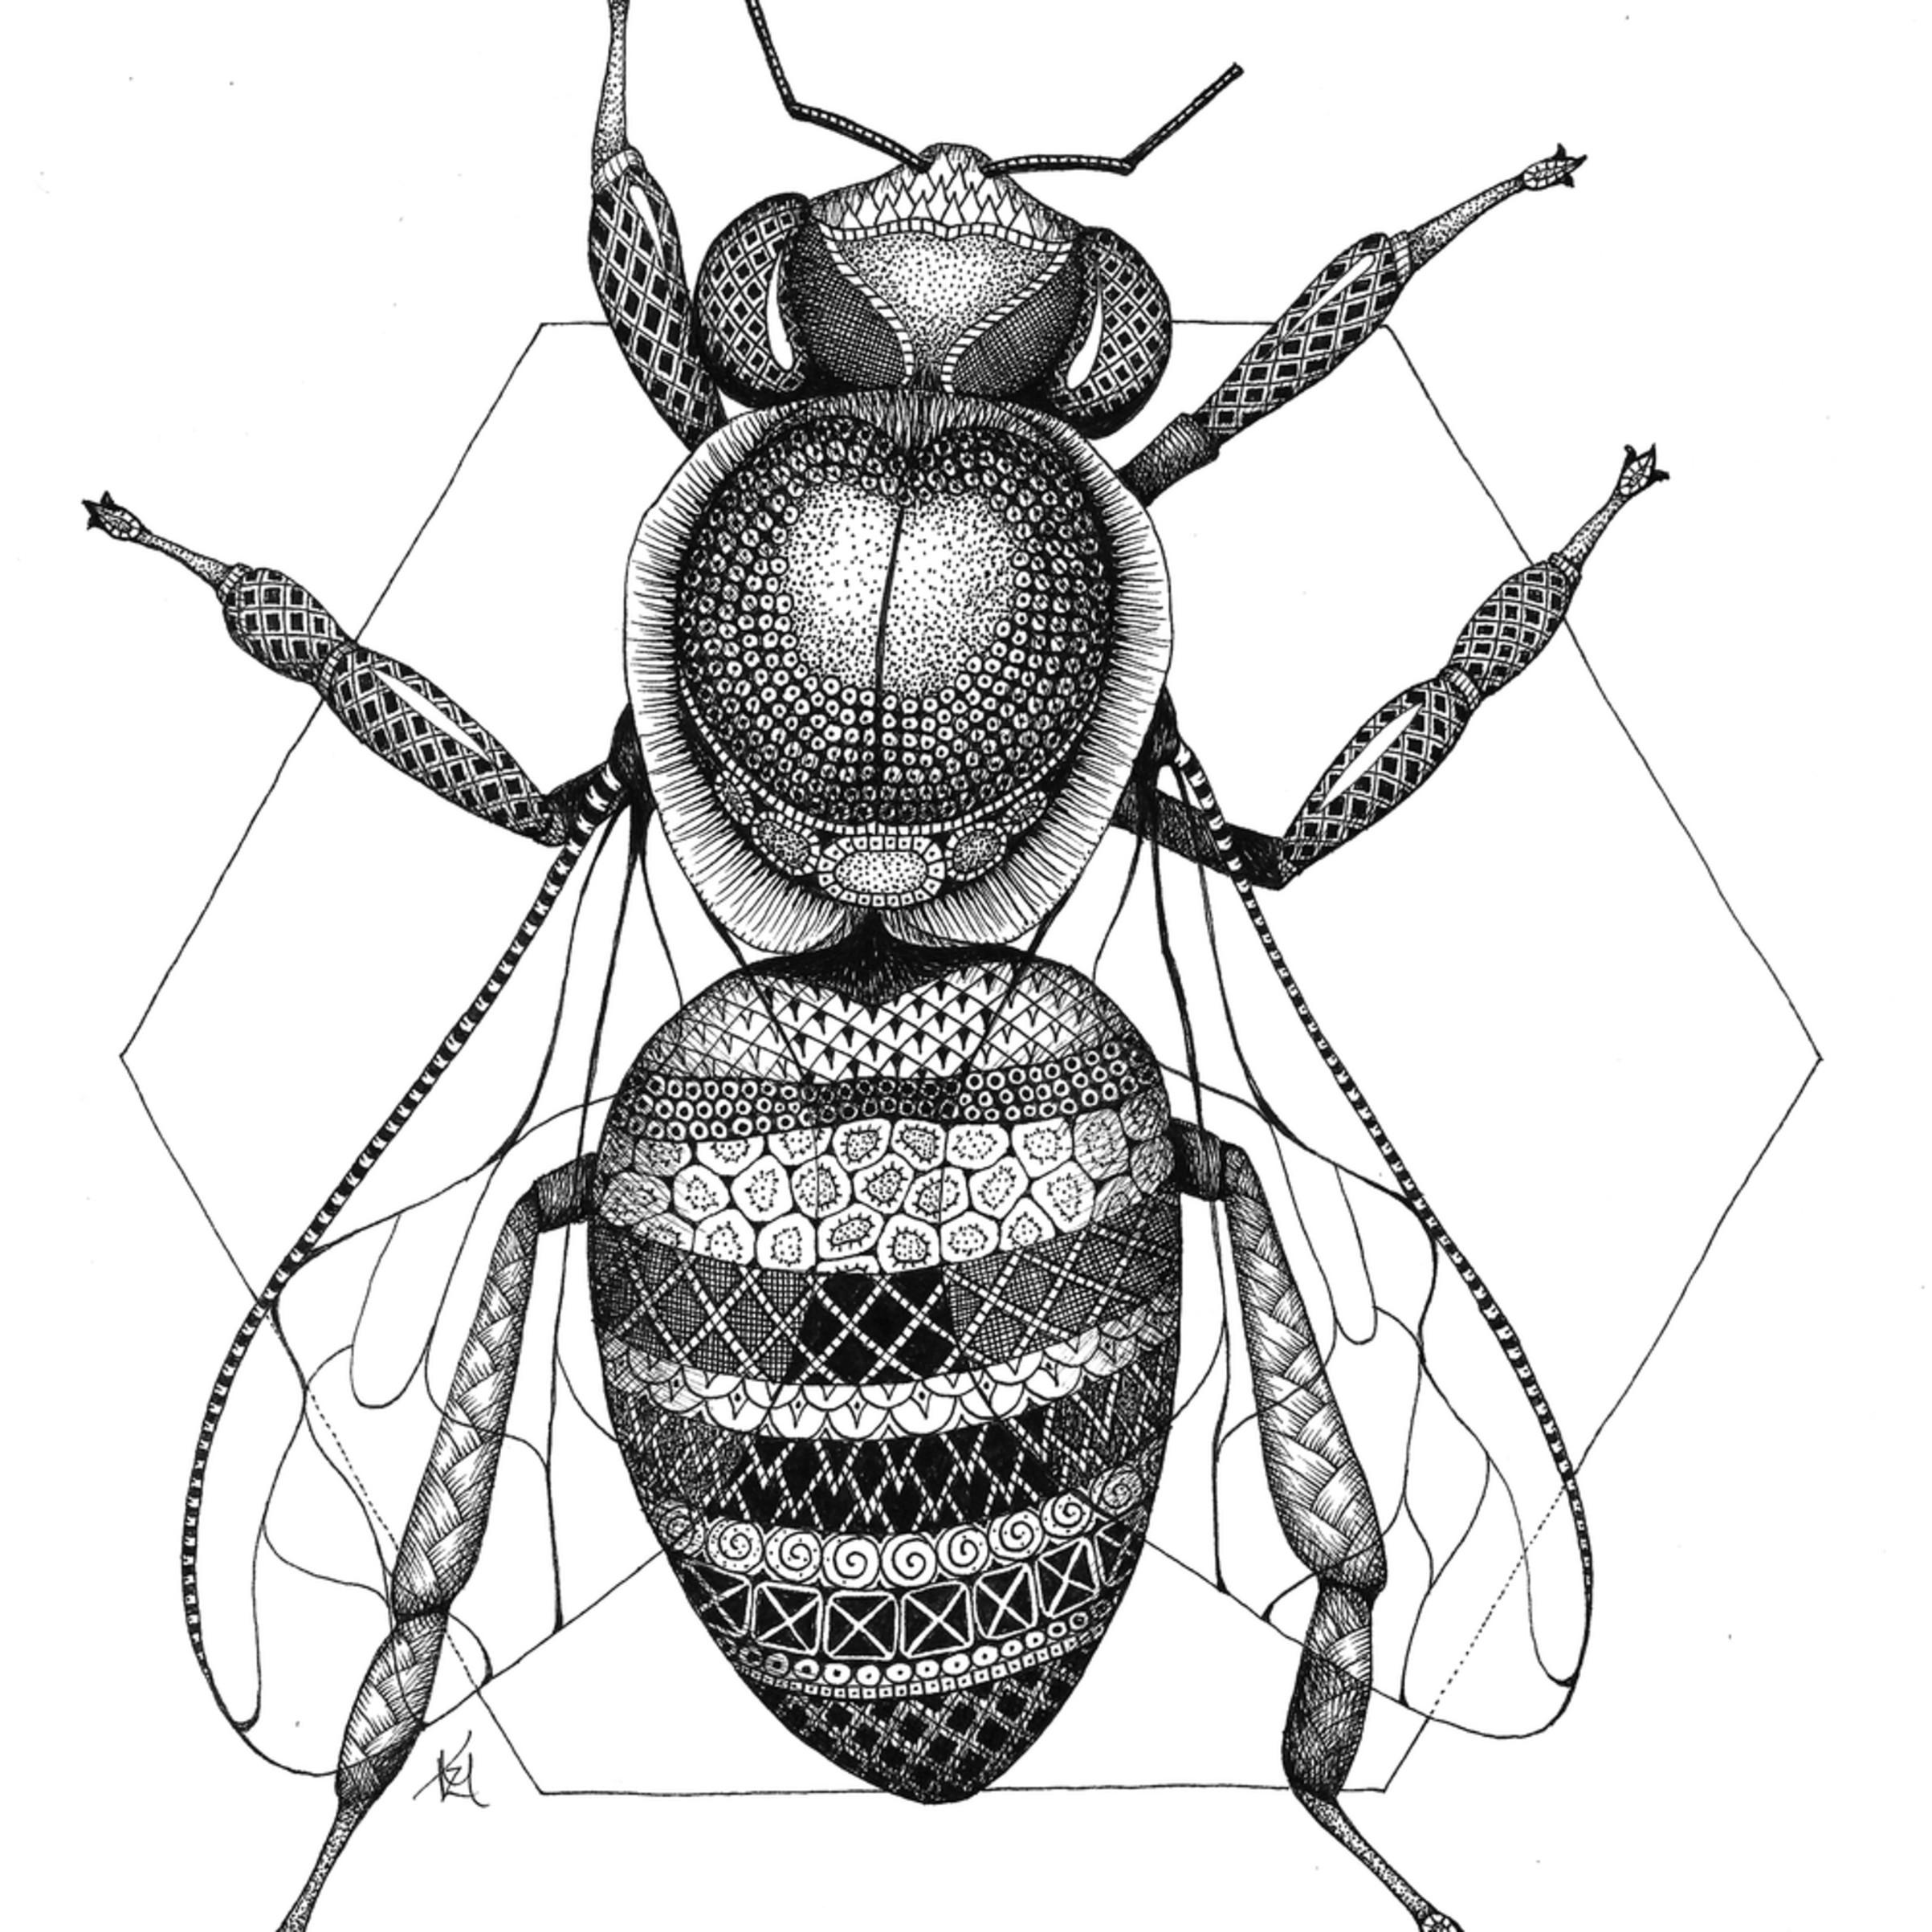 Honeybee yks0o6